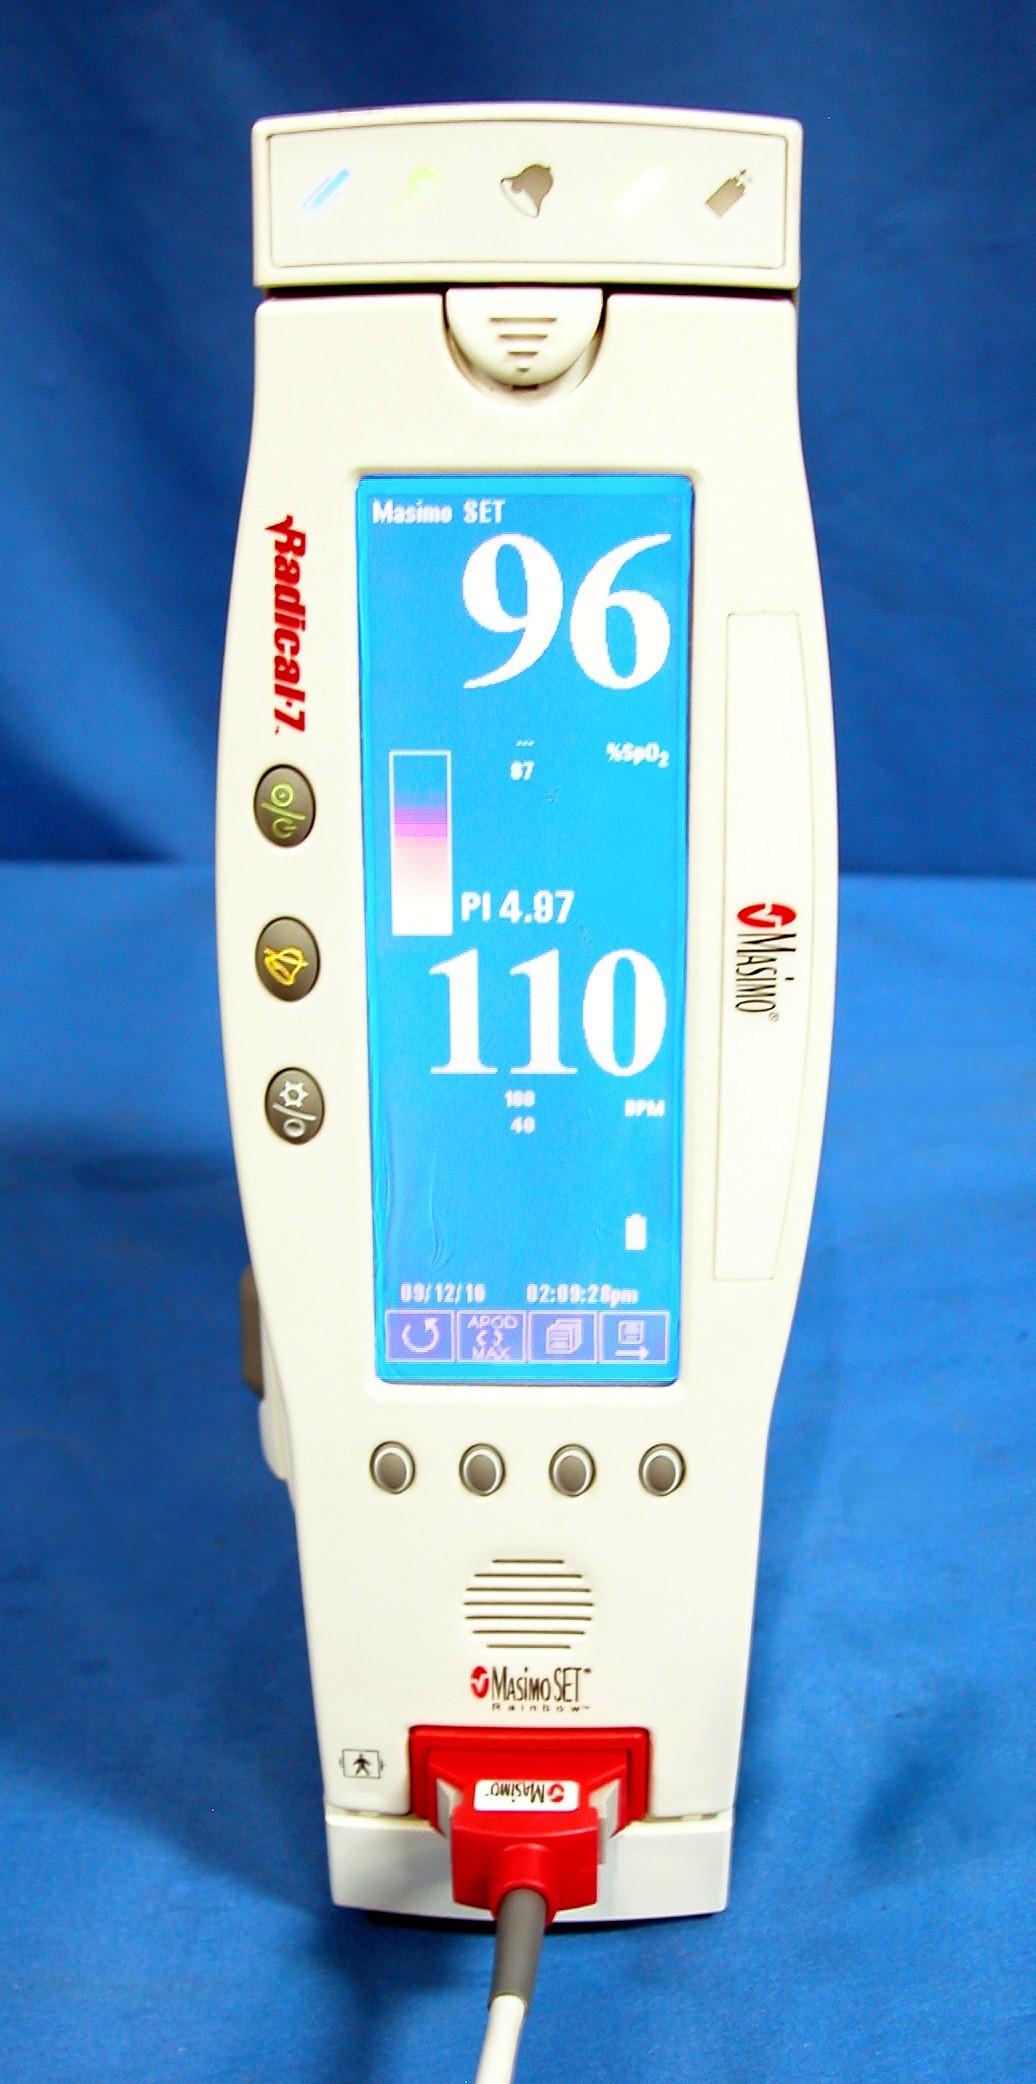 Masimo Pulse Oximeter >> Masimo Radical-7 Handheld Pulse Oximeter with Docking Station